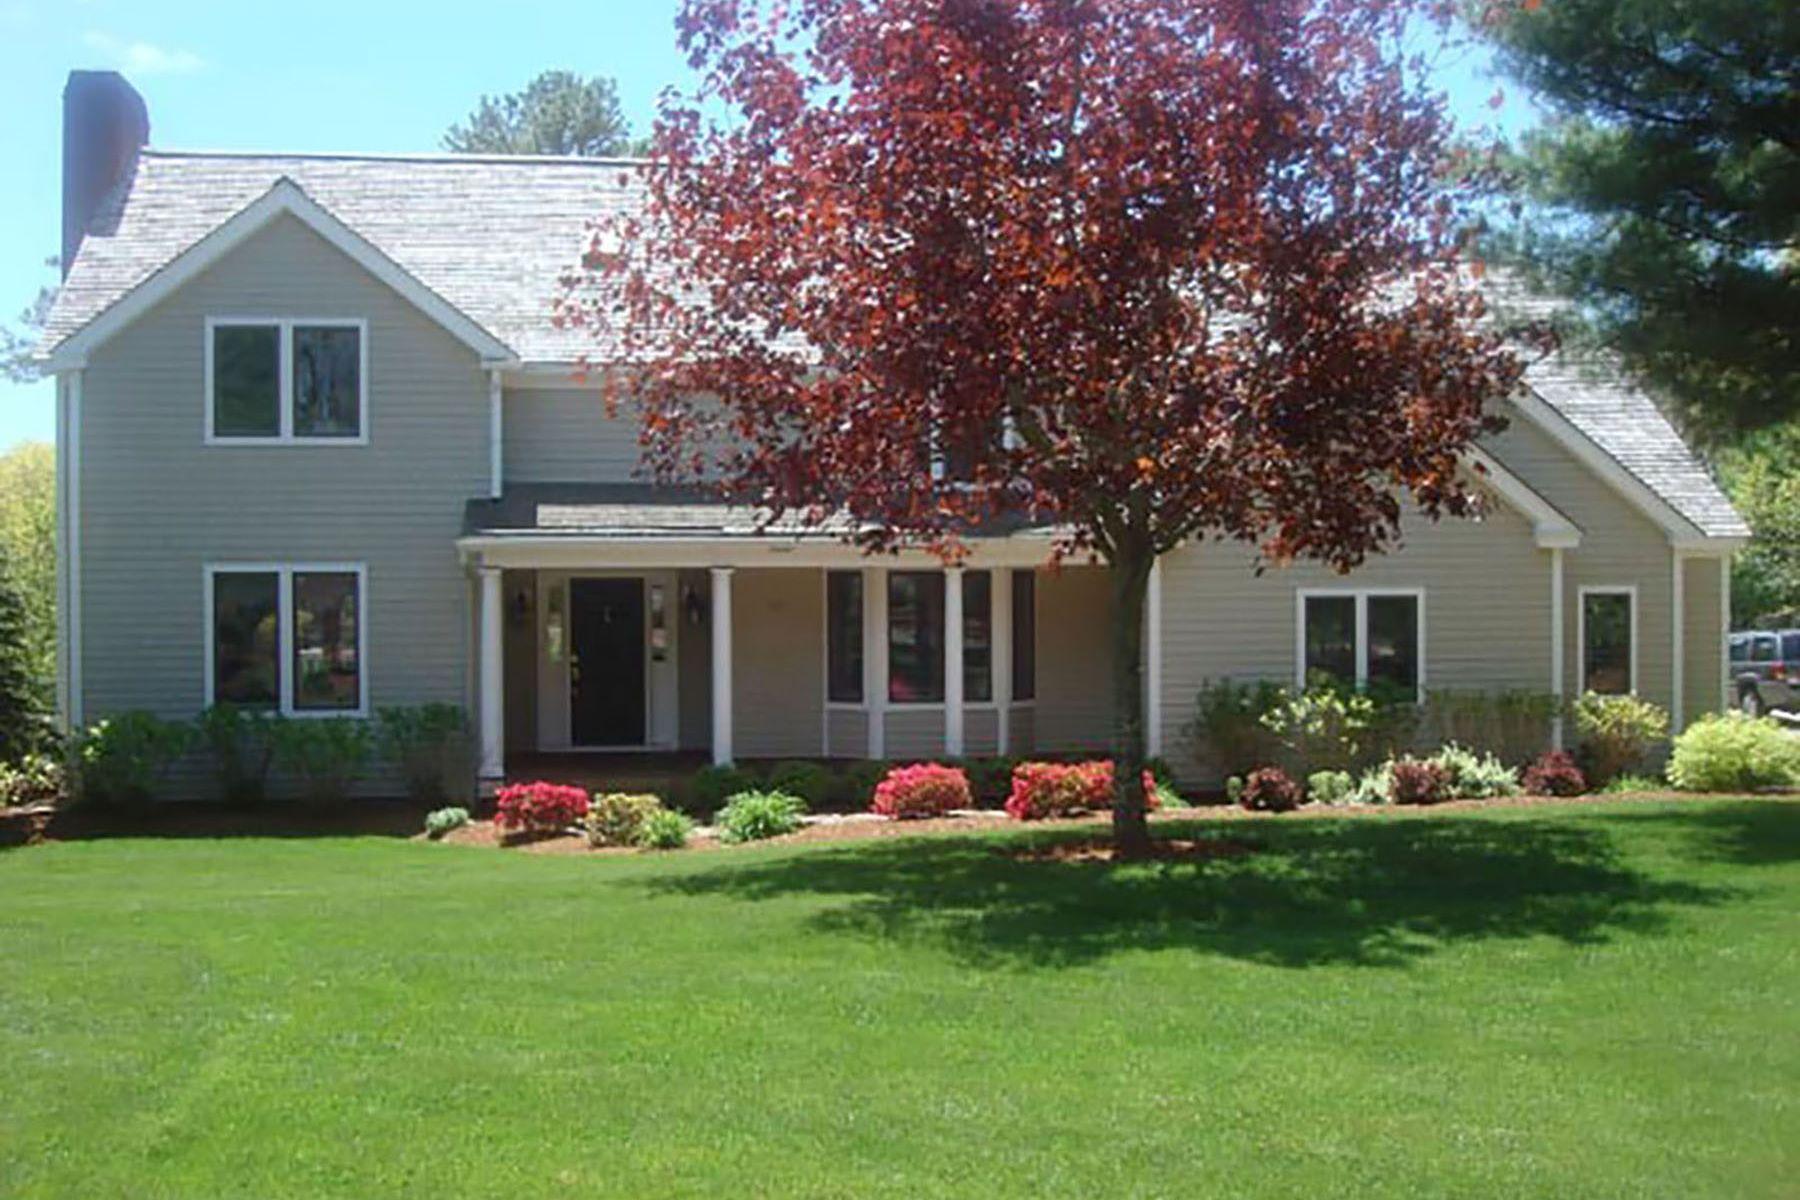 Villa per Vendita alle ore EXQUISITE GOLF FRONT HOME WITH POOL 119 Walton Heath Way New Seabury, Massachusetts, 02649 Stati Uniti